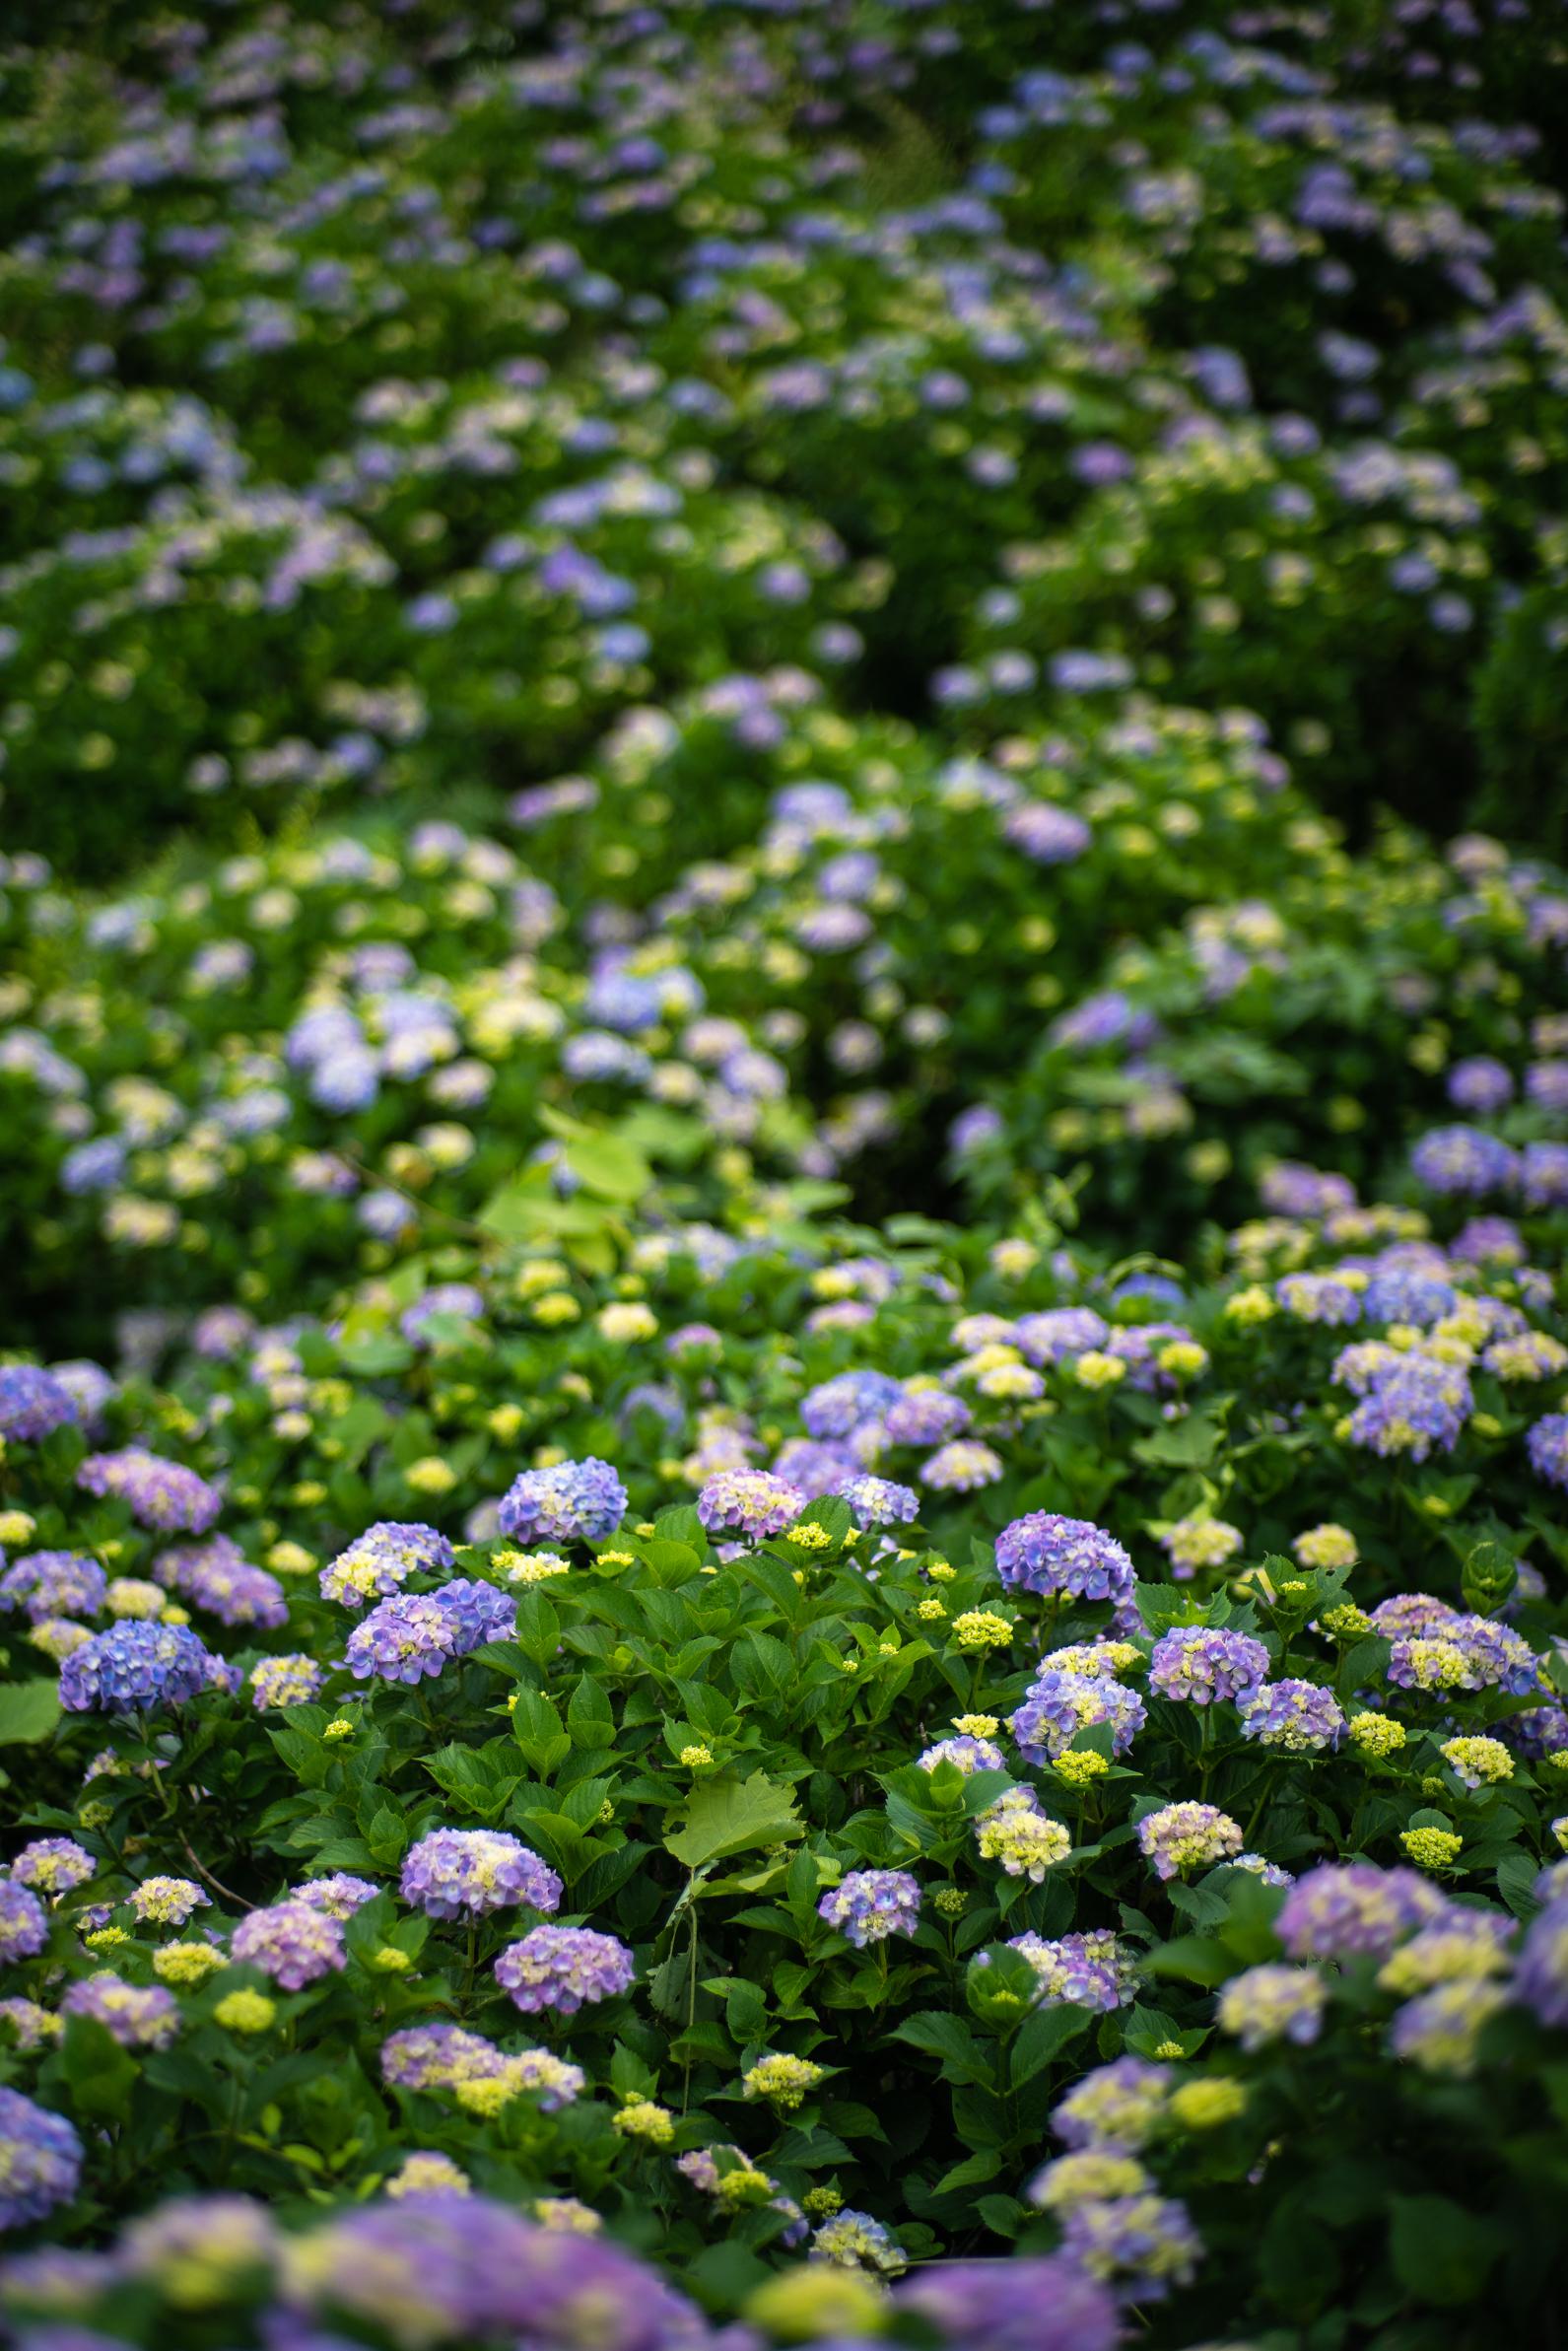 2020.06.21 秩父美の山公園 紫陽花-28.jpg